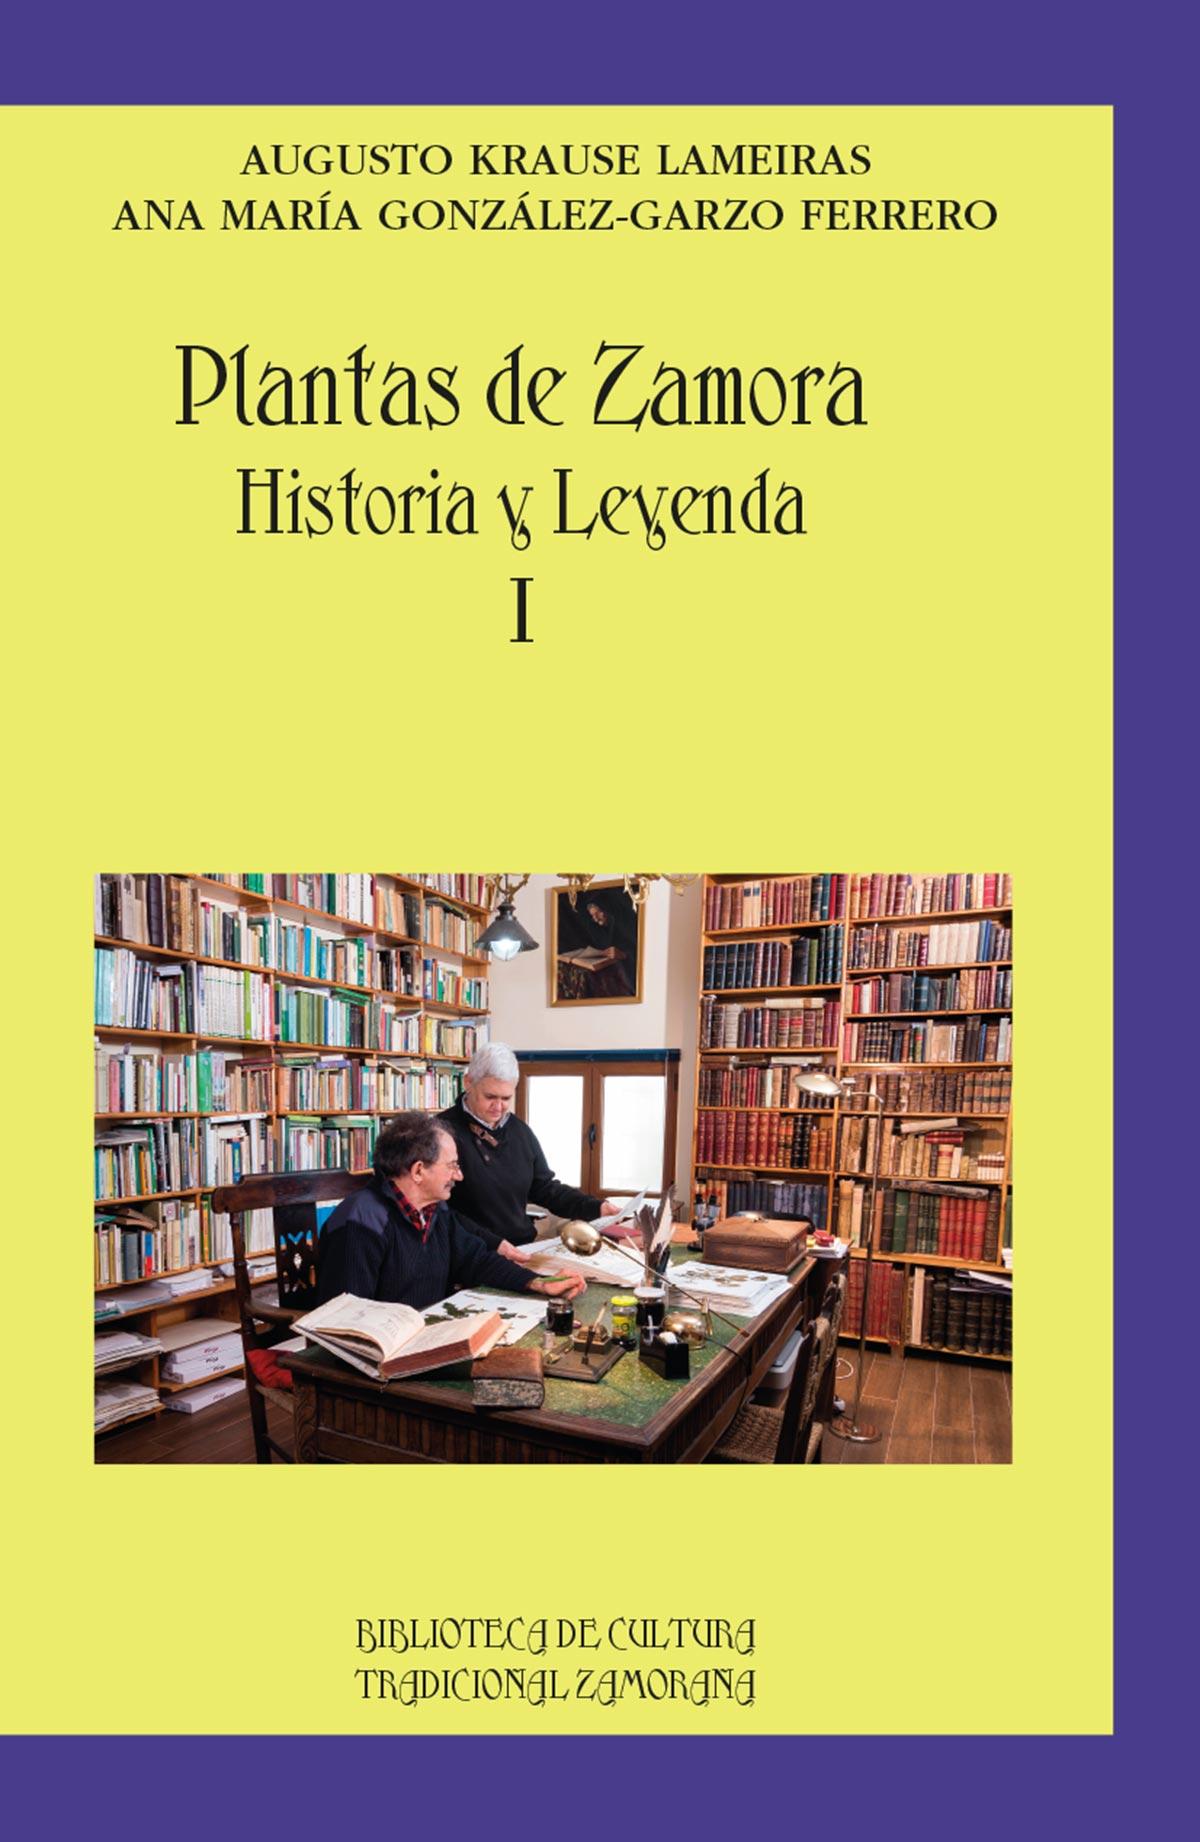 Nueva publicación 'Plantas de Zamora. Historia y leyenda I' por Editorial Semuret